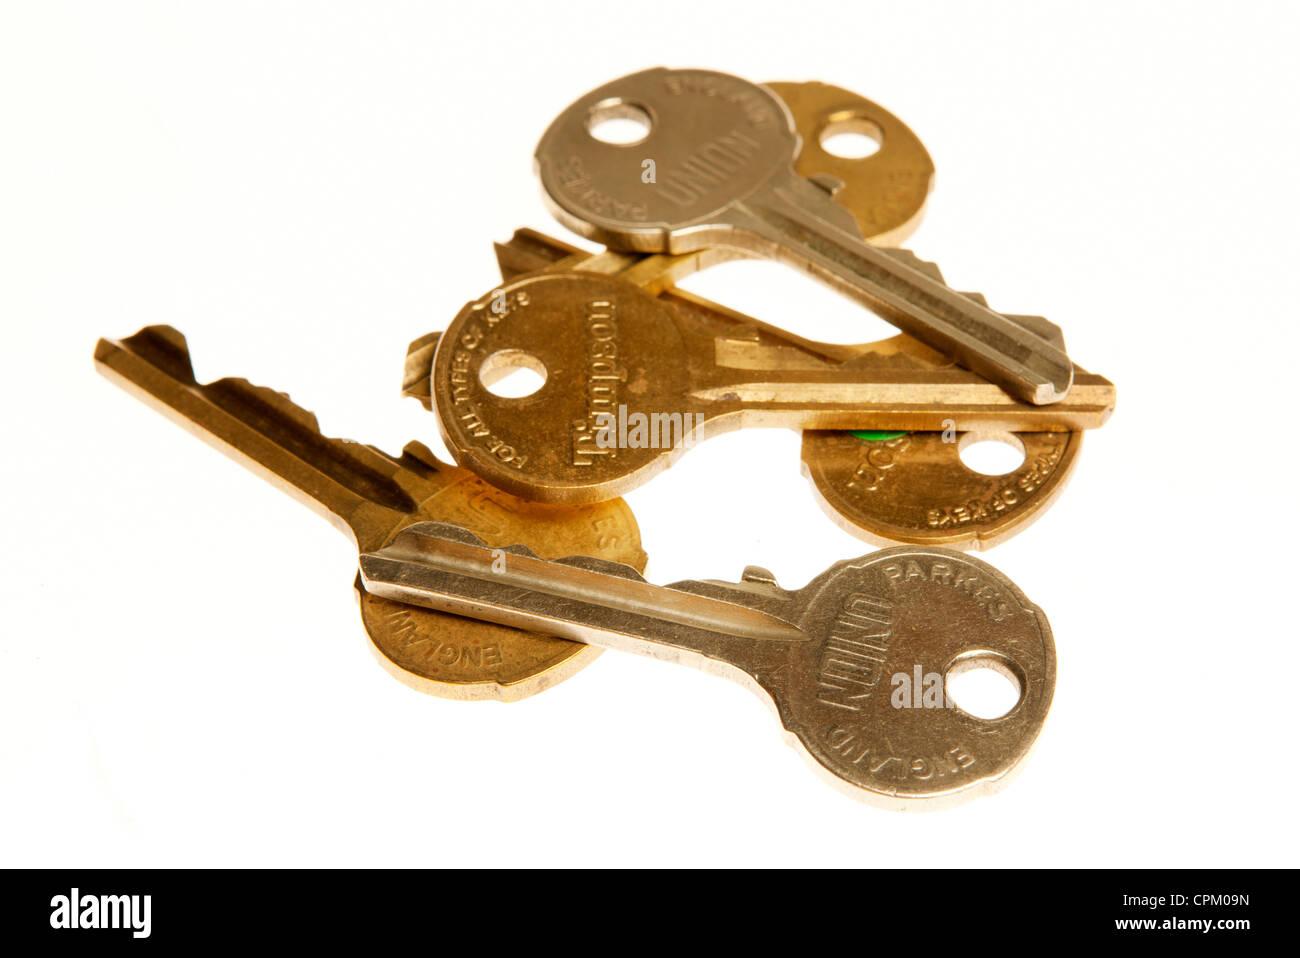 Manojo de llaves Imagen De Stock